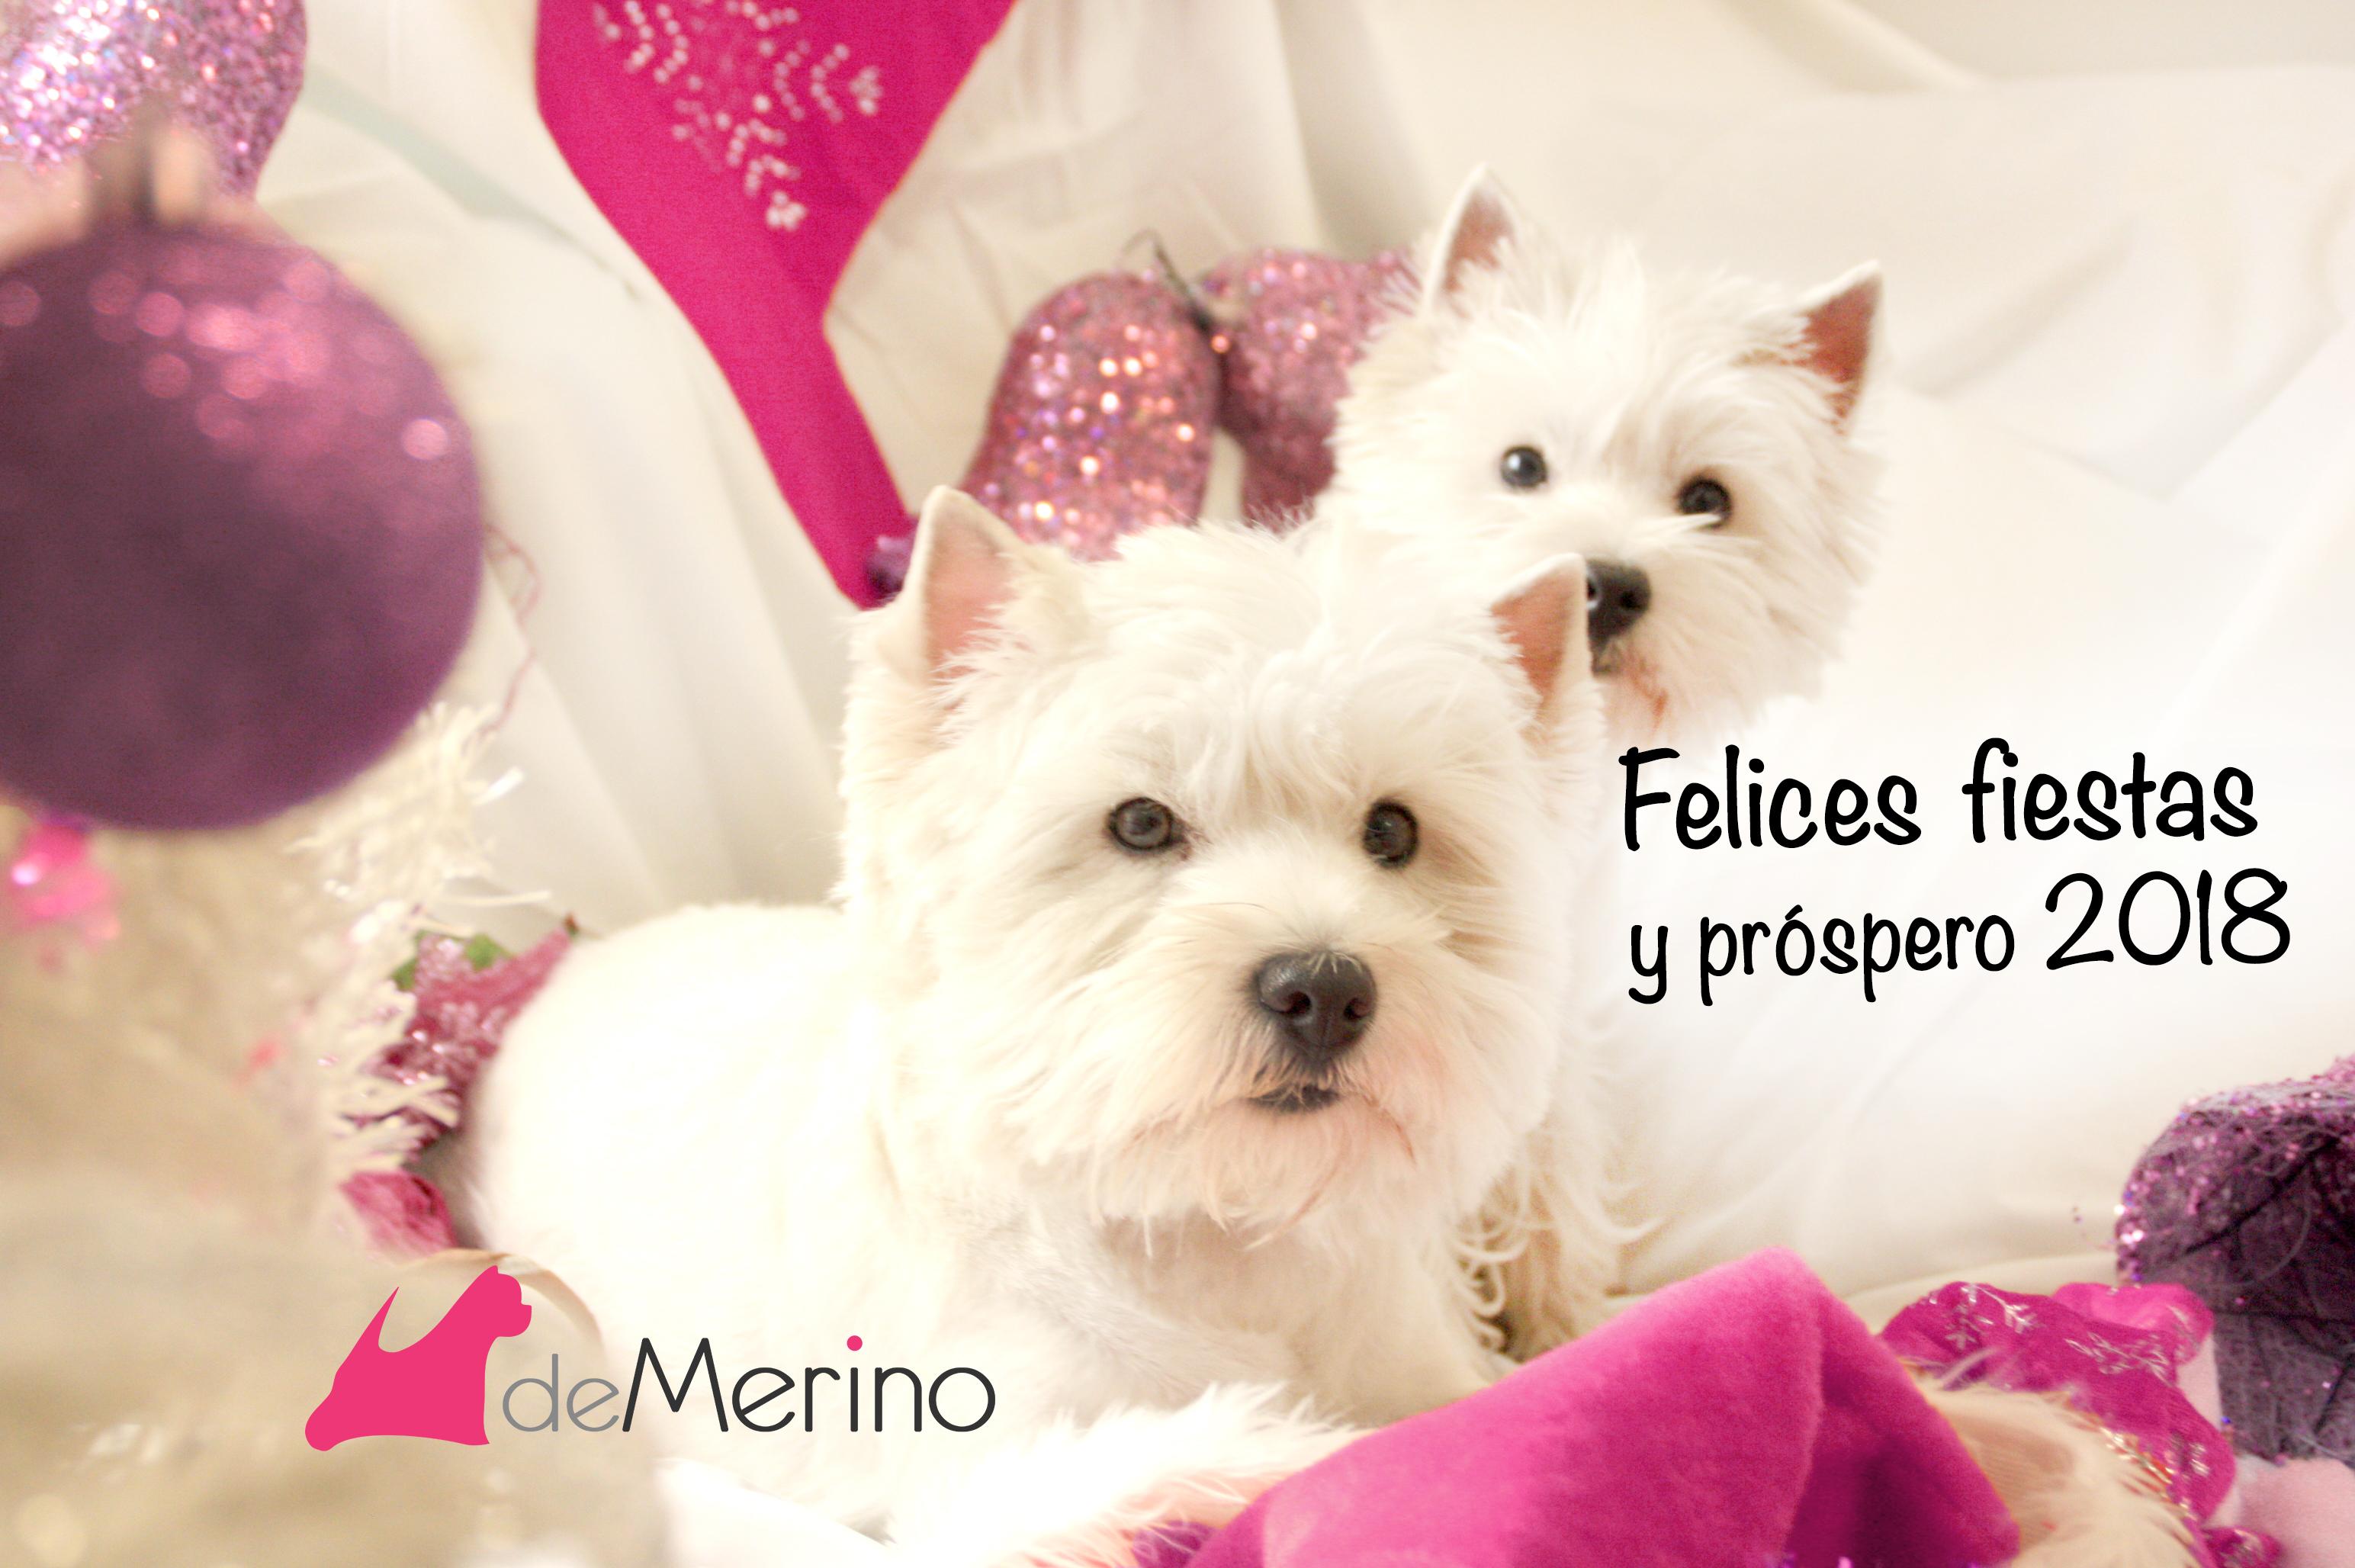 Felices fiestas 2017 y próspero 2018 con Demerino